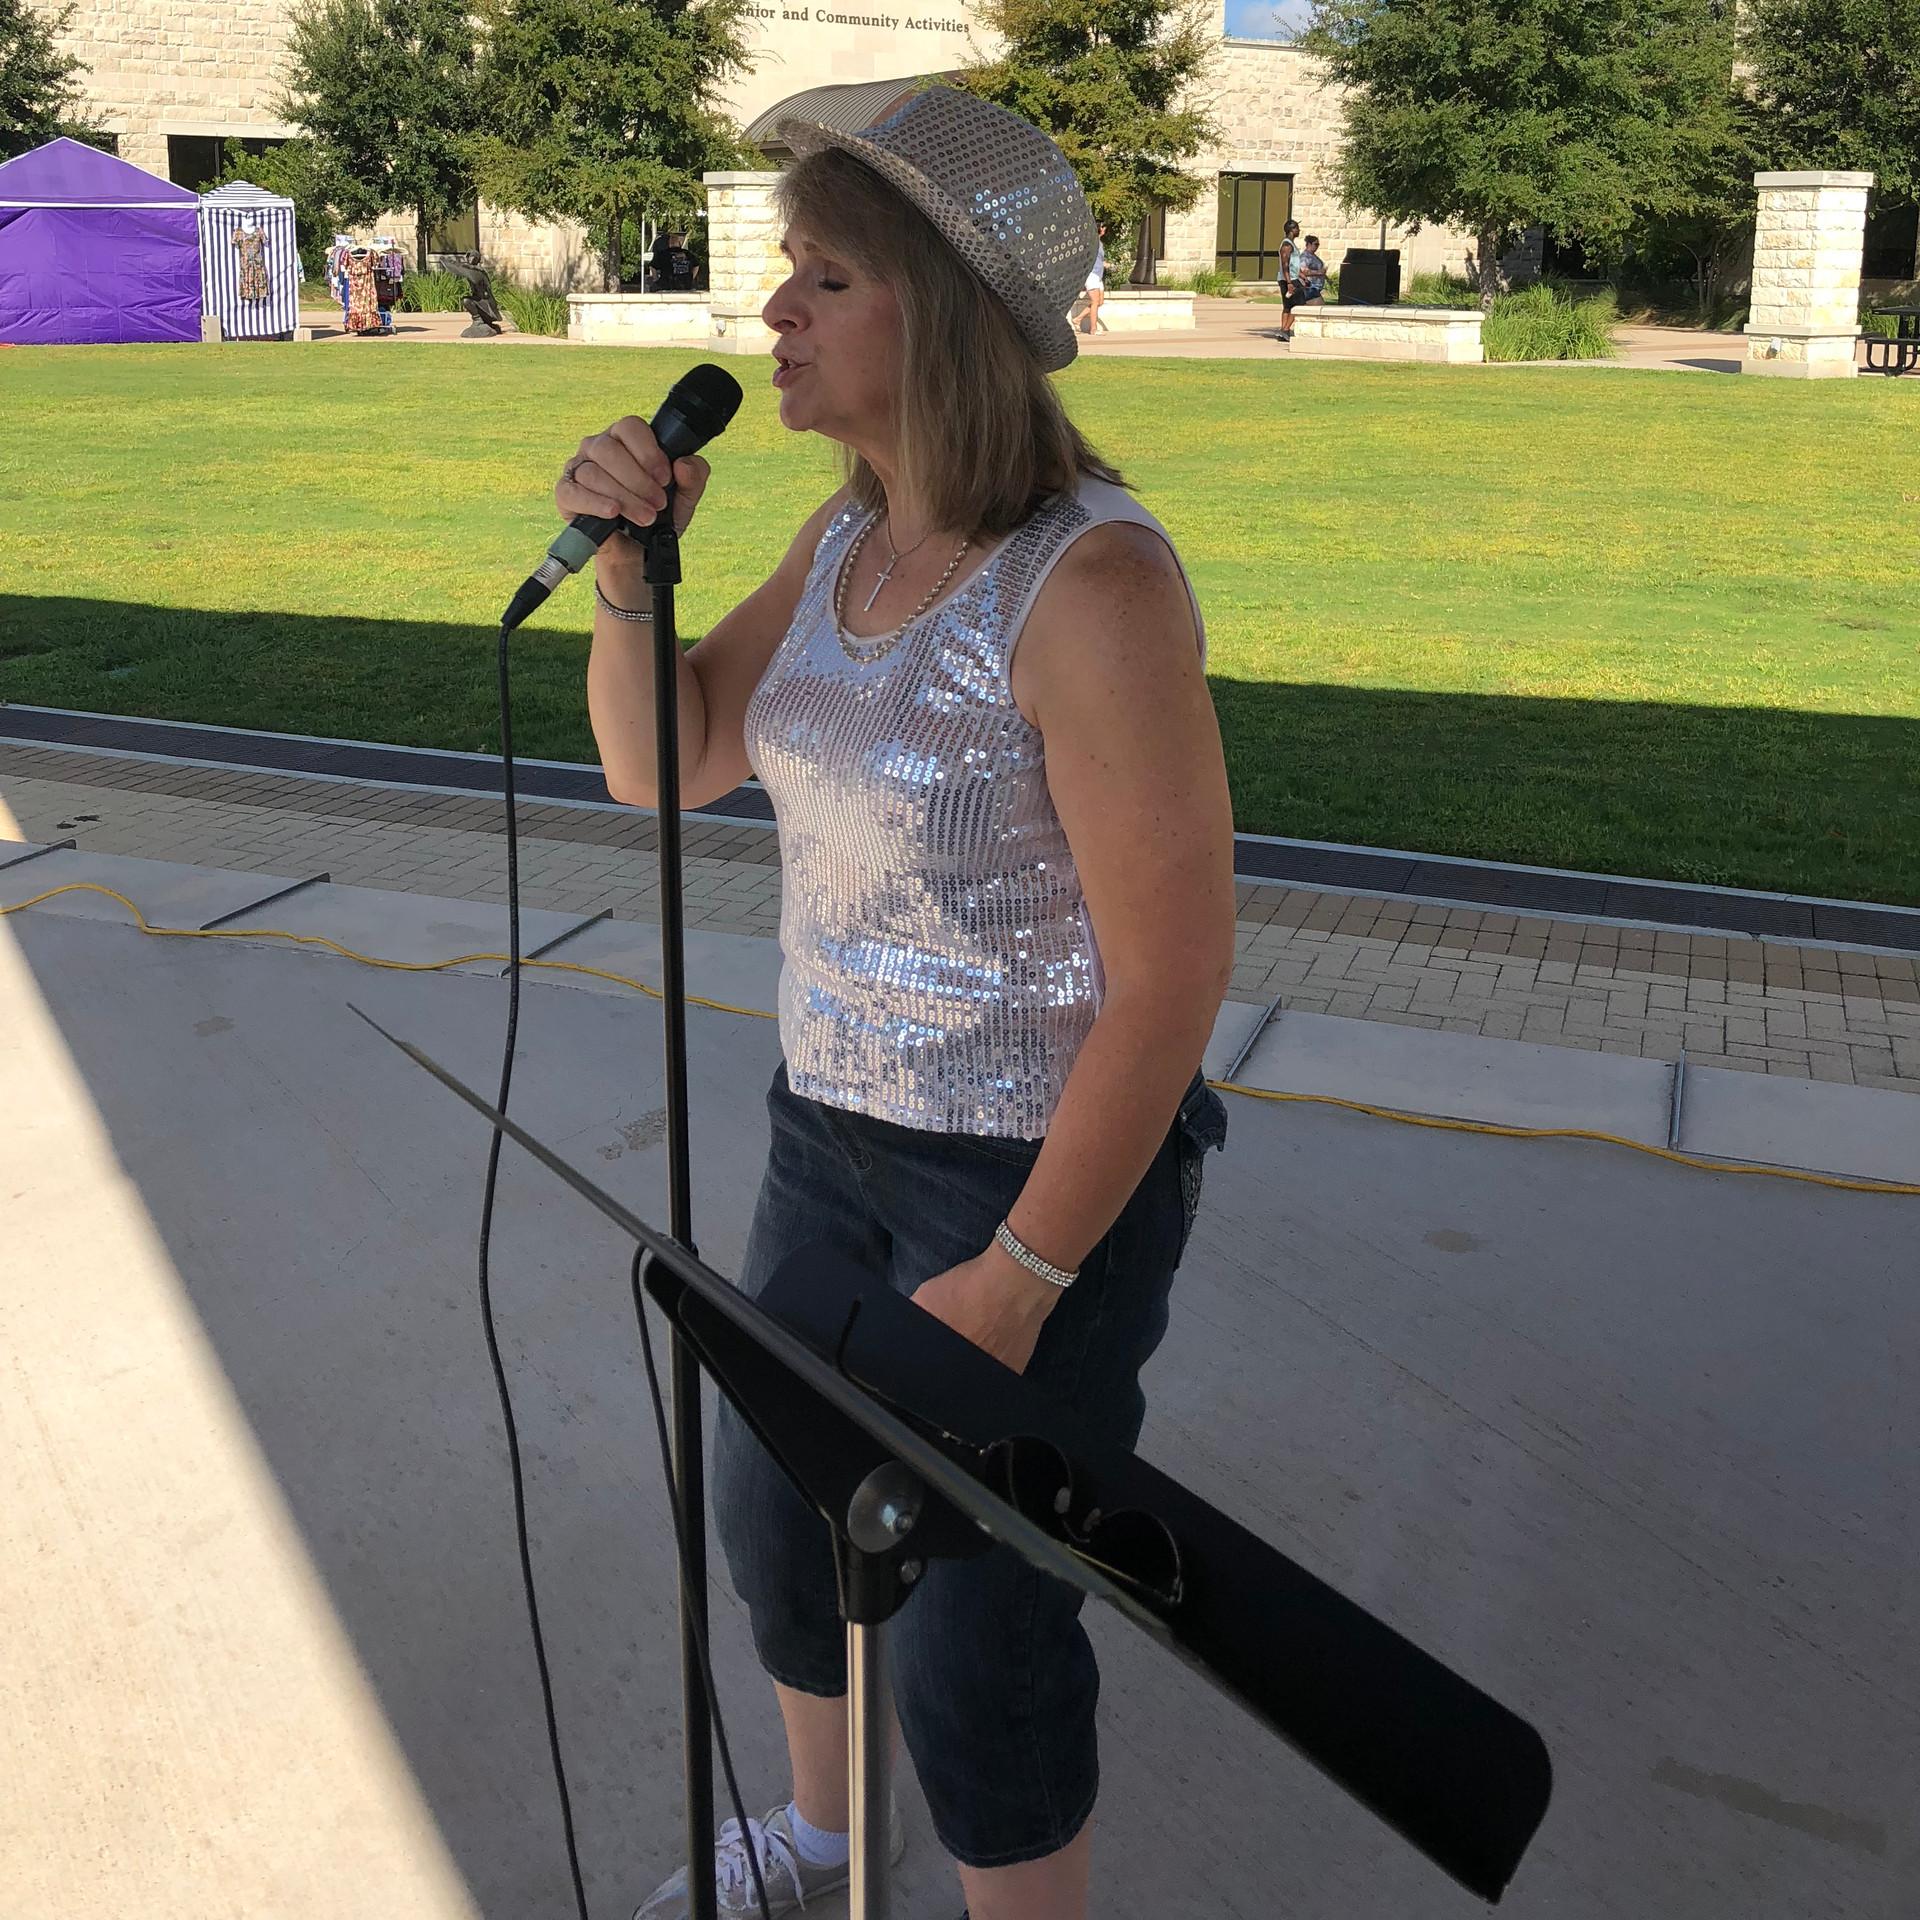 Singer, Leslie Weldon